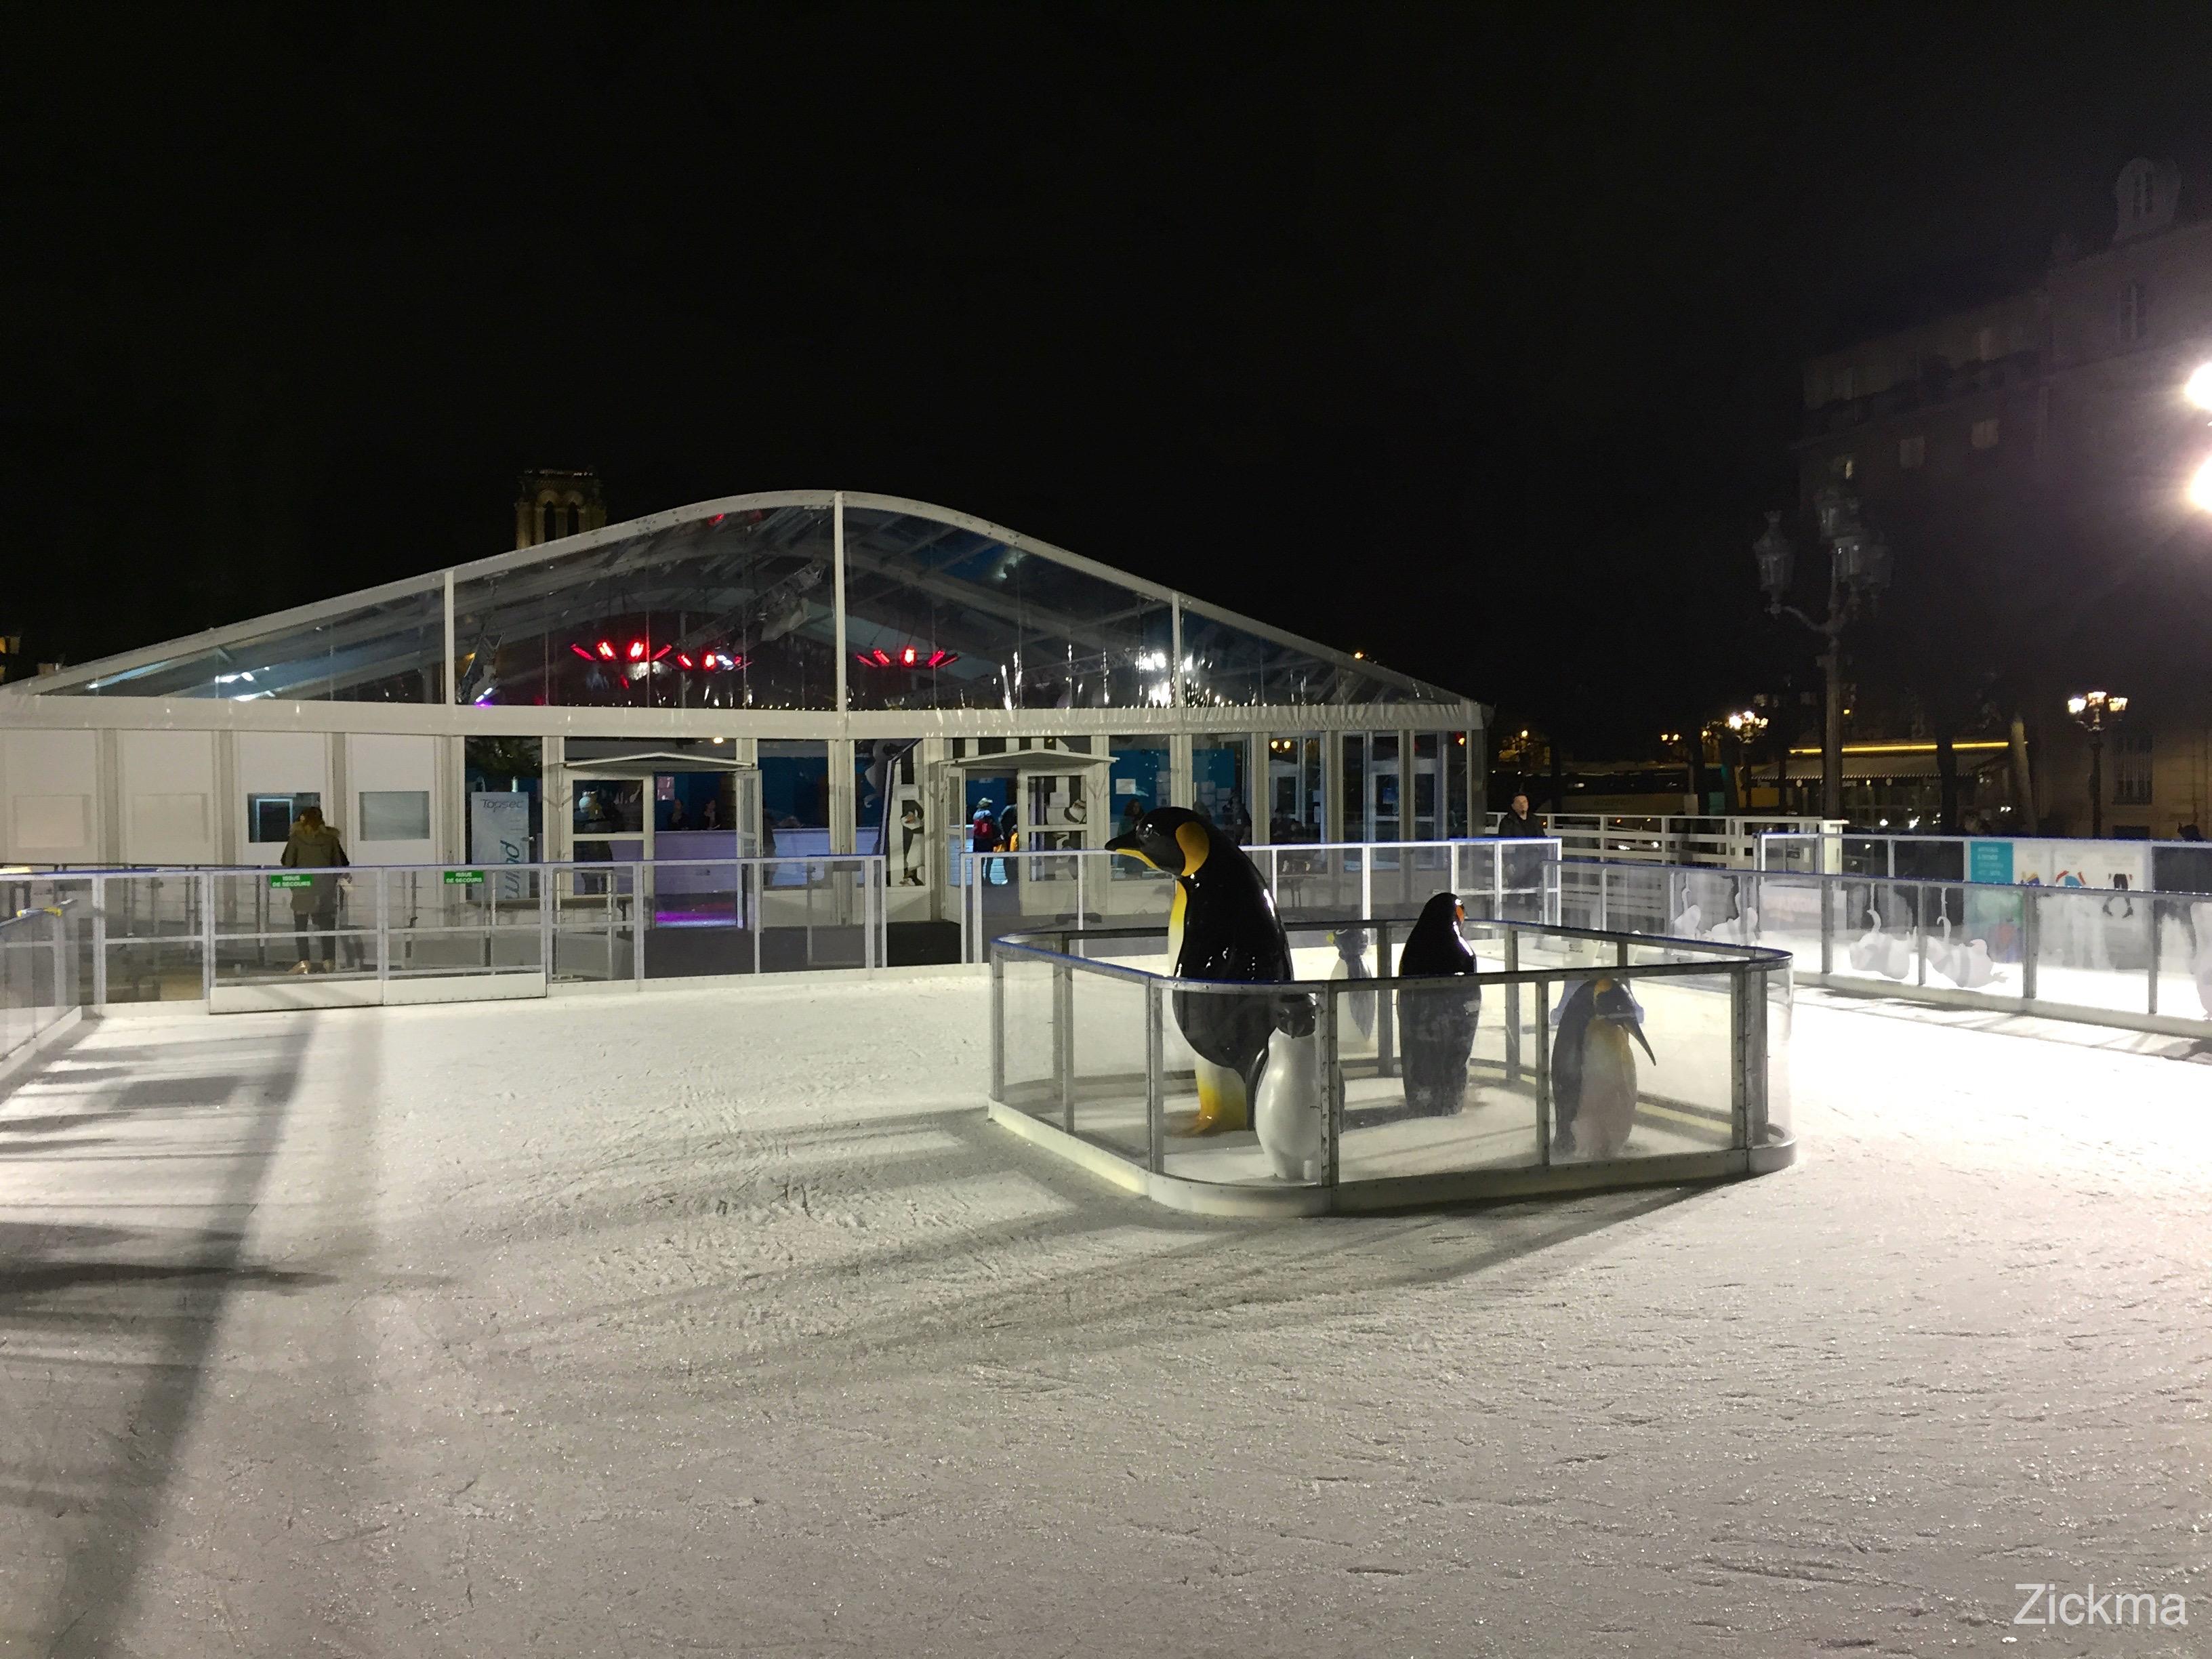 Les pingouins de madagascar inaugurent la patinoire de for Piscine patinoire